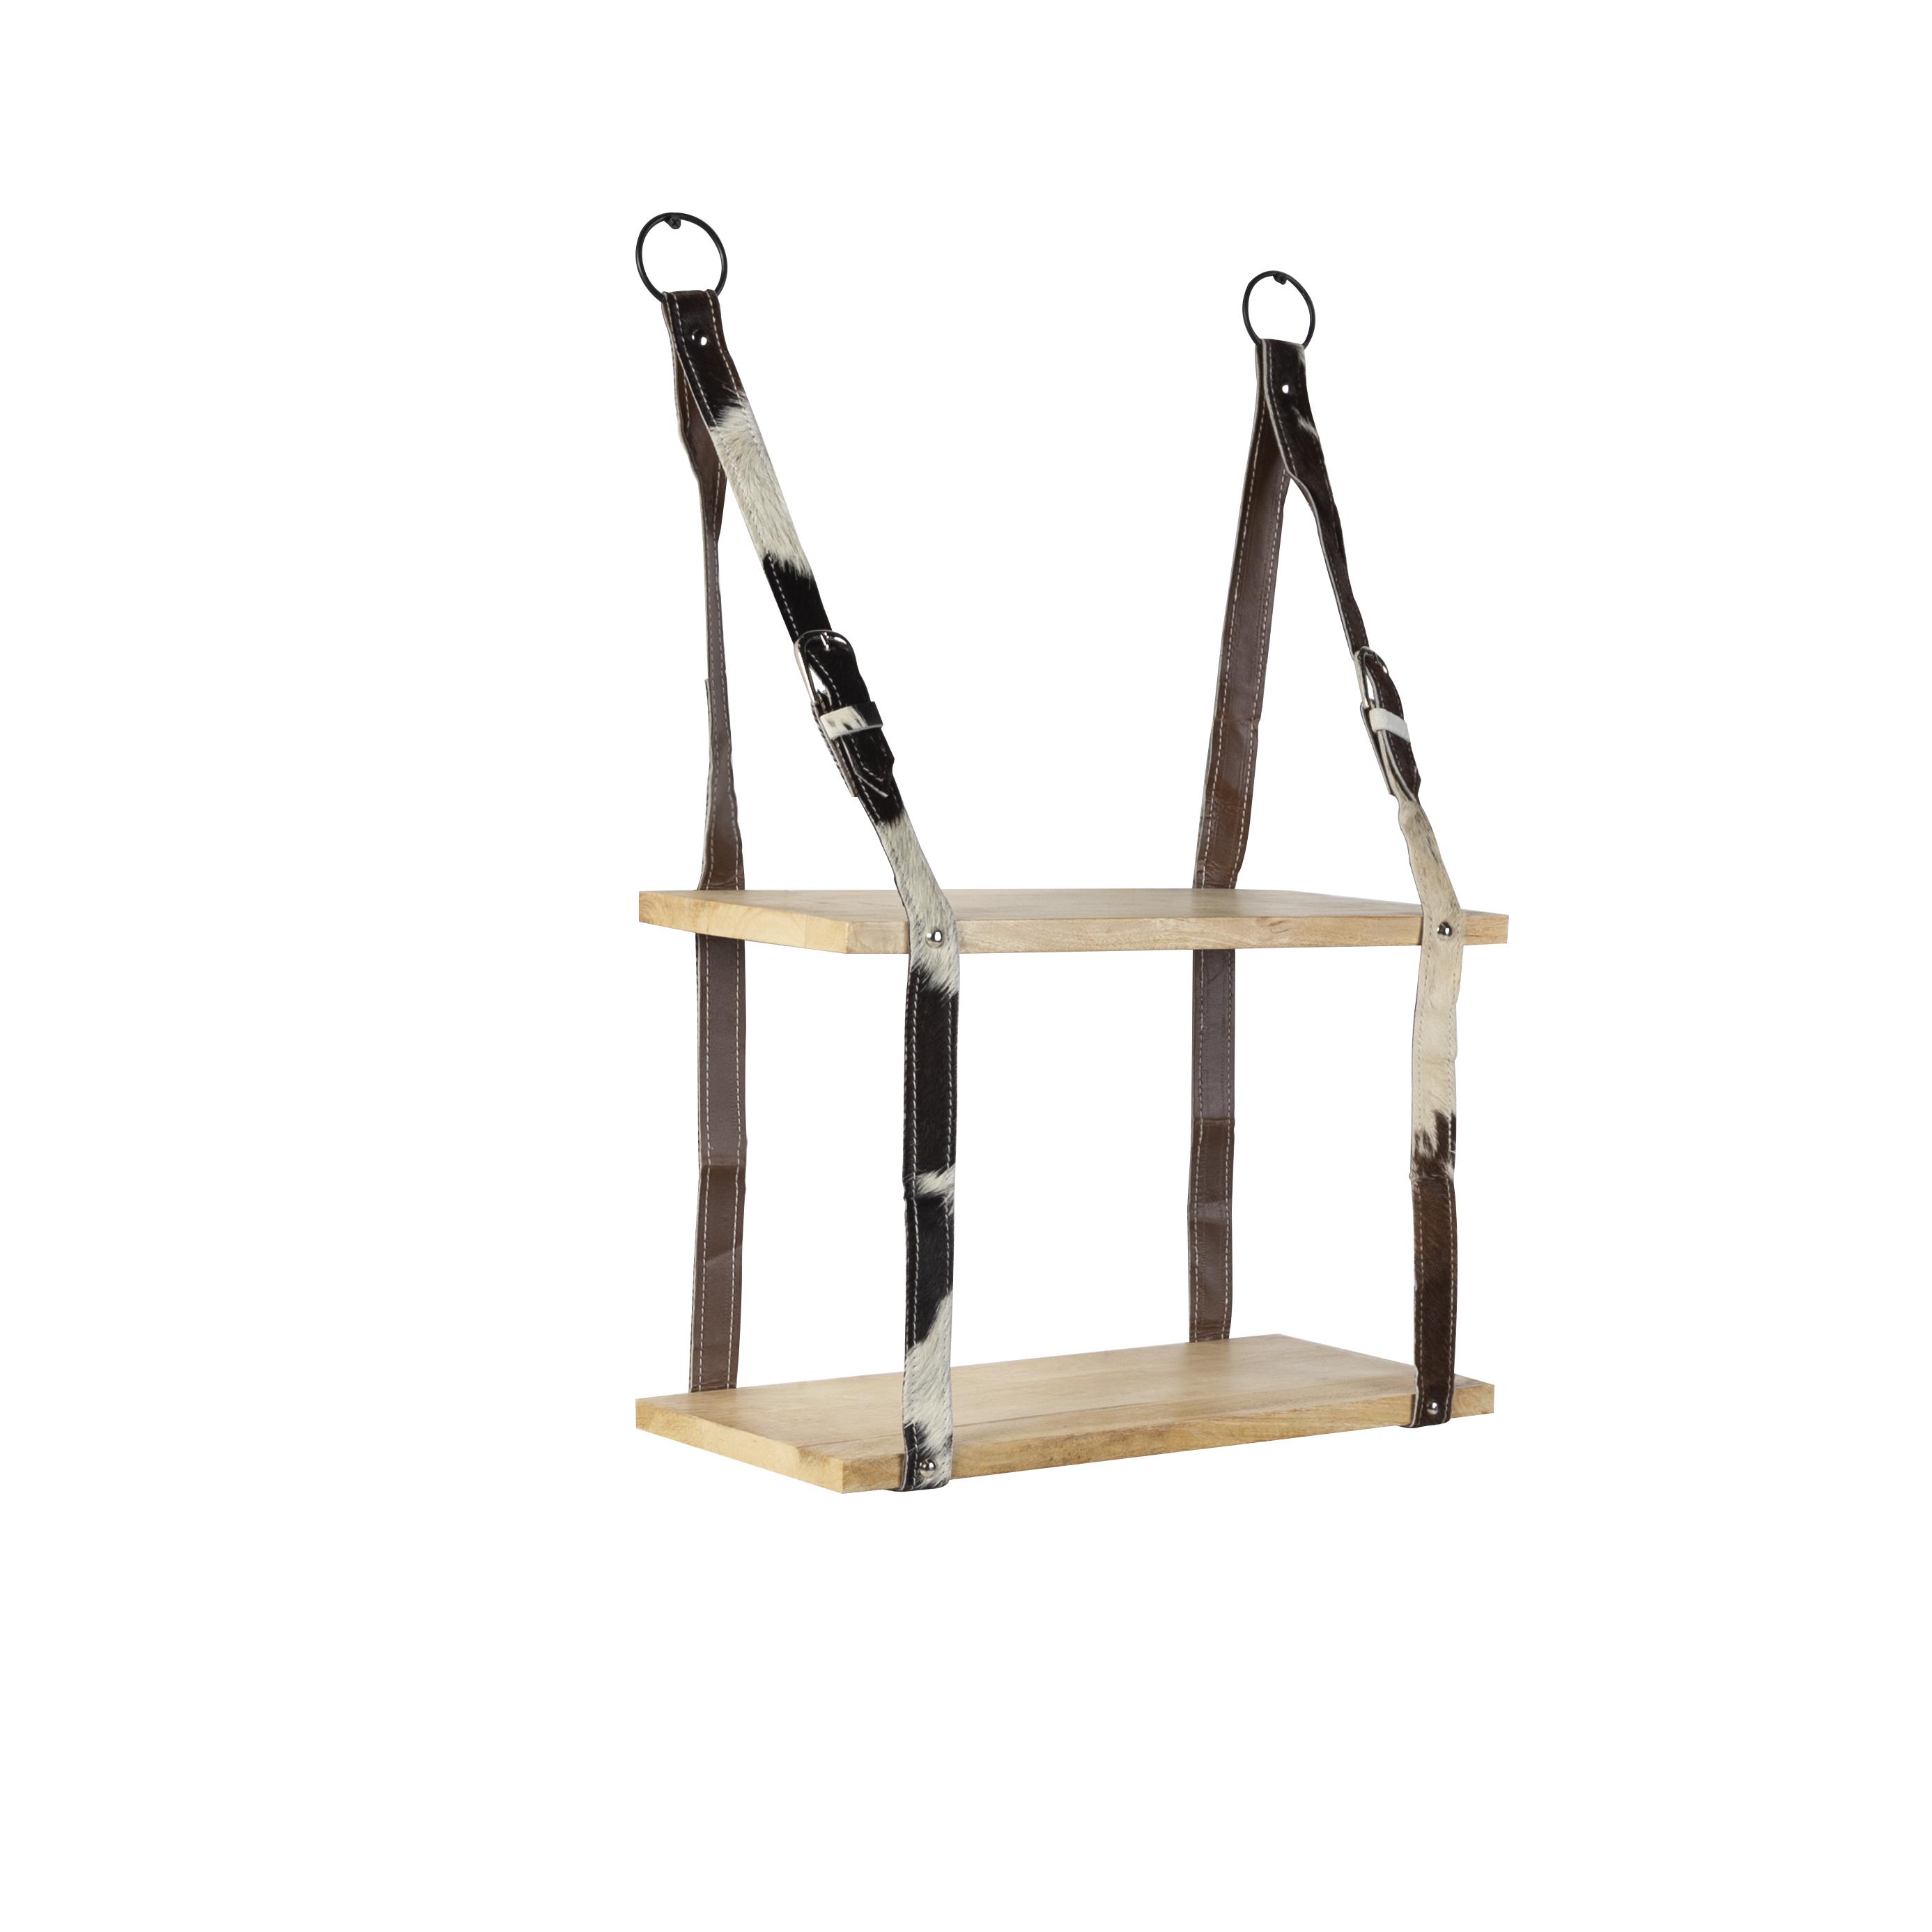 Industrieel wandrek met 2 houten planken en lederen riemen - Belt